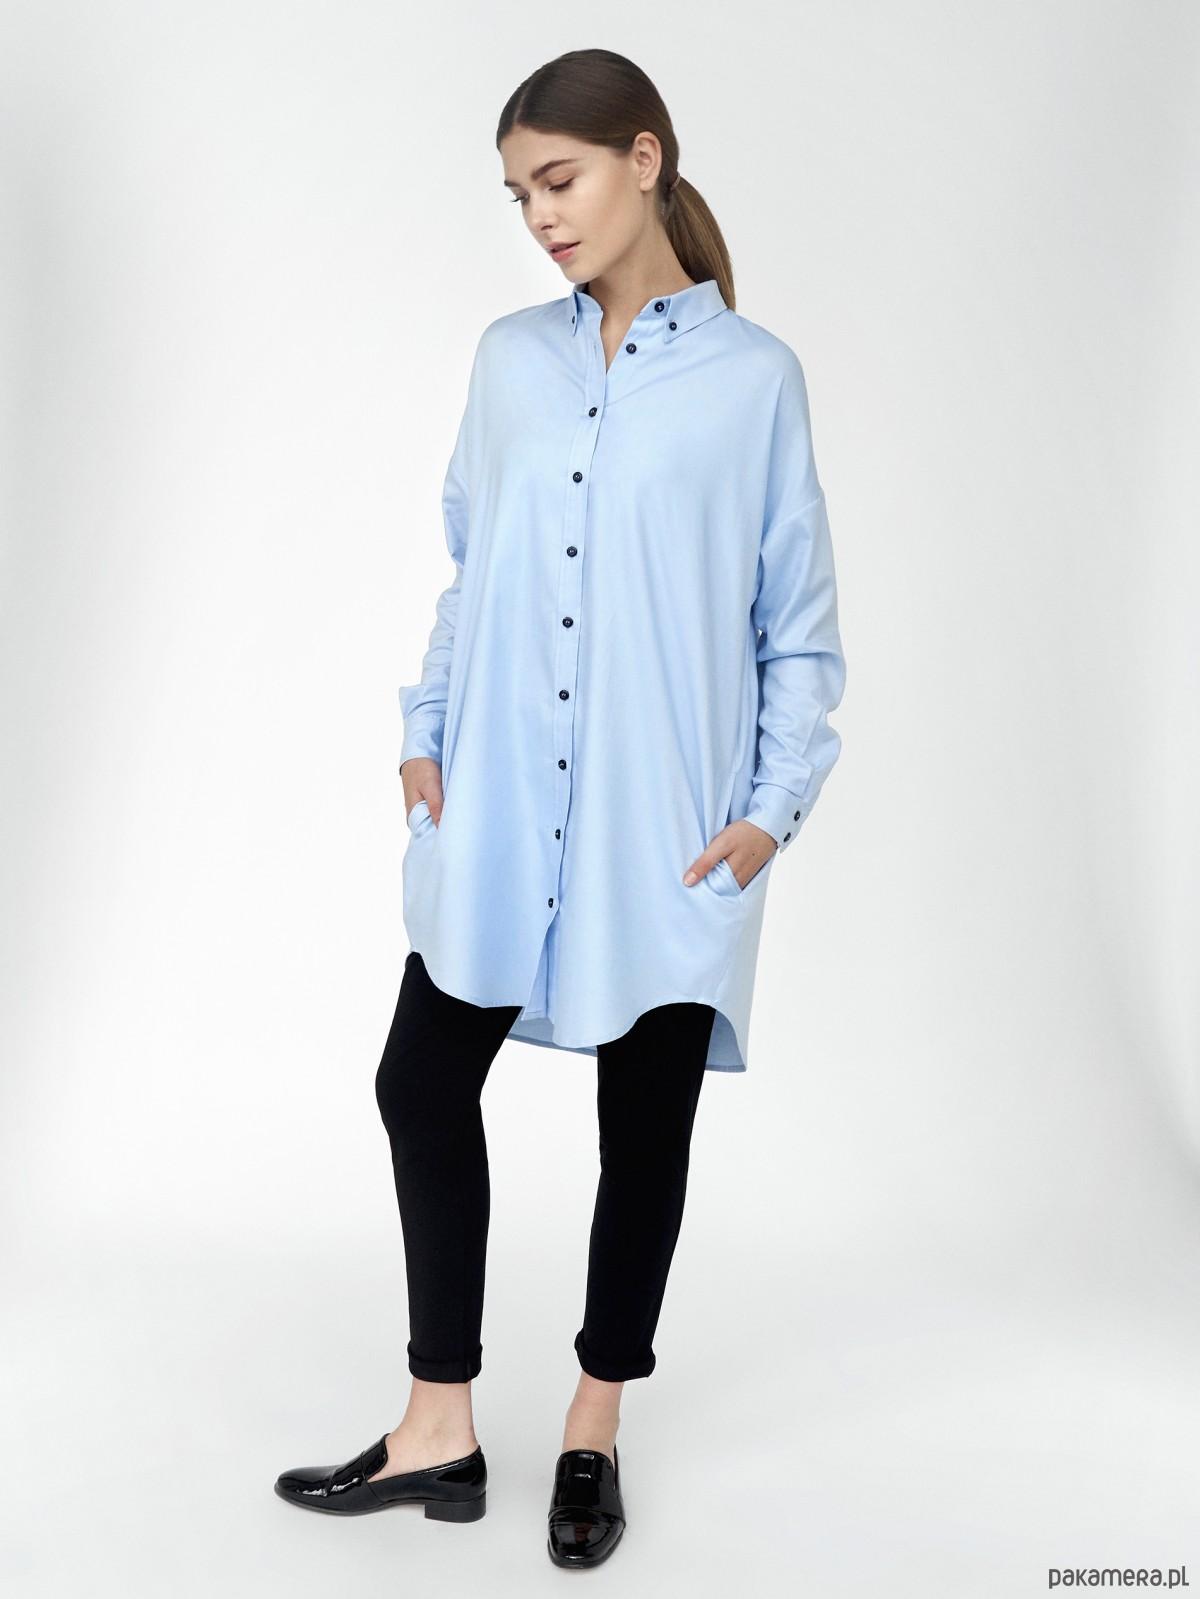 Koszula oversize bluzki koszule Pakamera.pl  0mha6